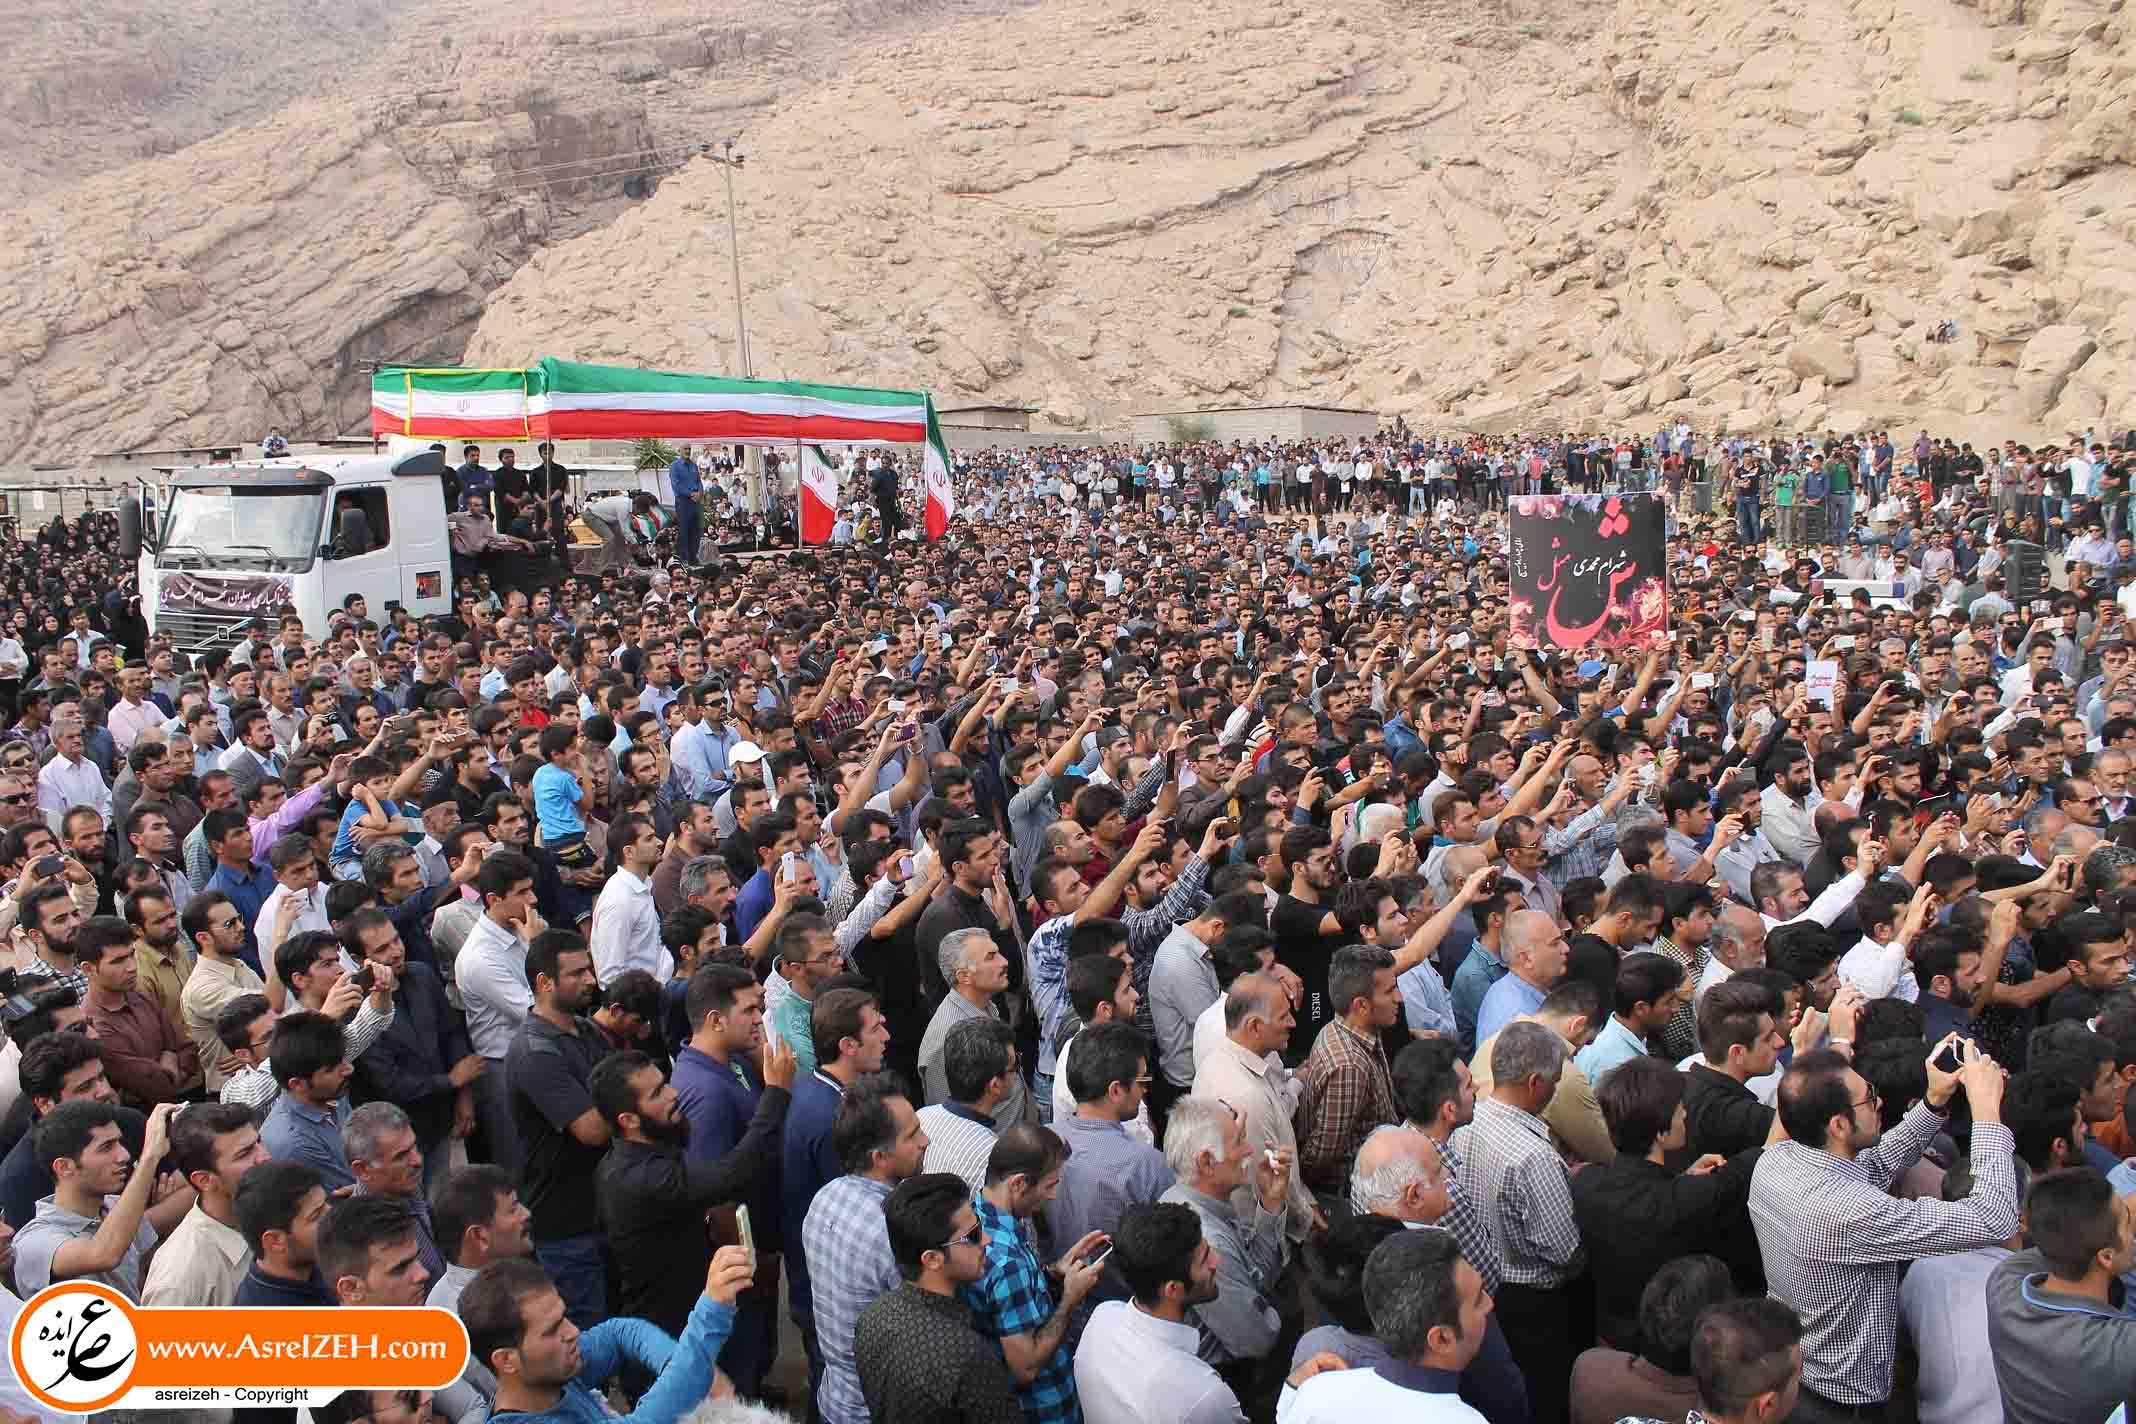 تشابه مراسم خاکسپاری مرتضی پاشایی و شهرام محمدی + تصاویر